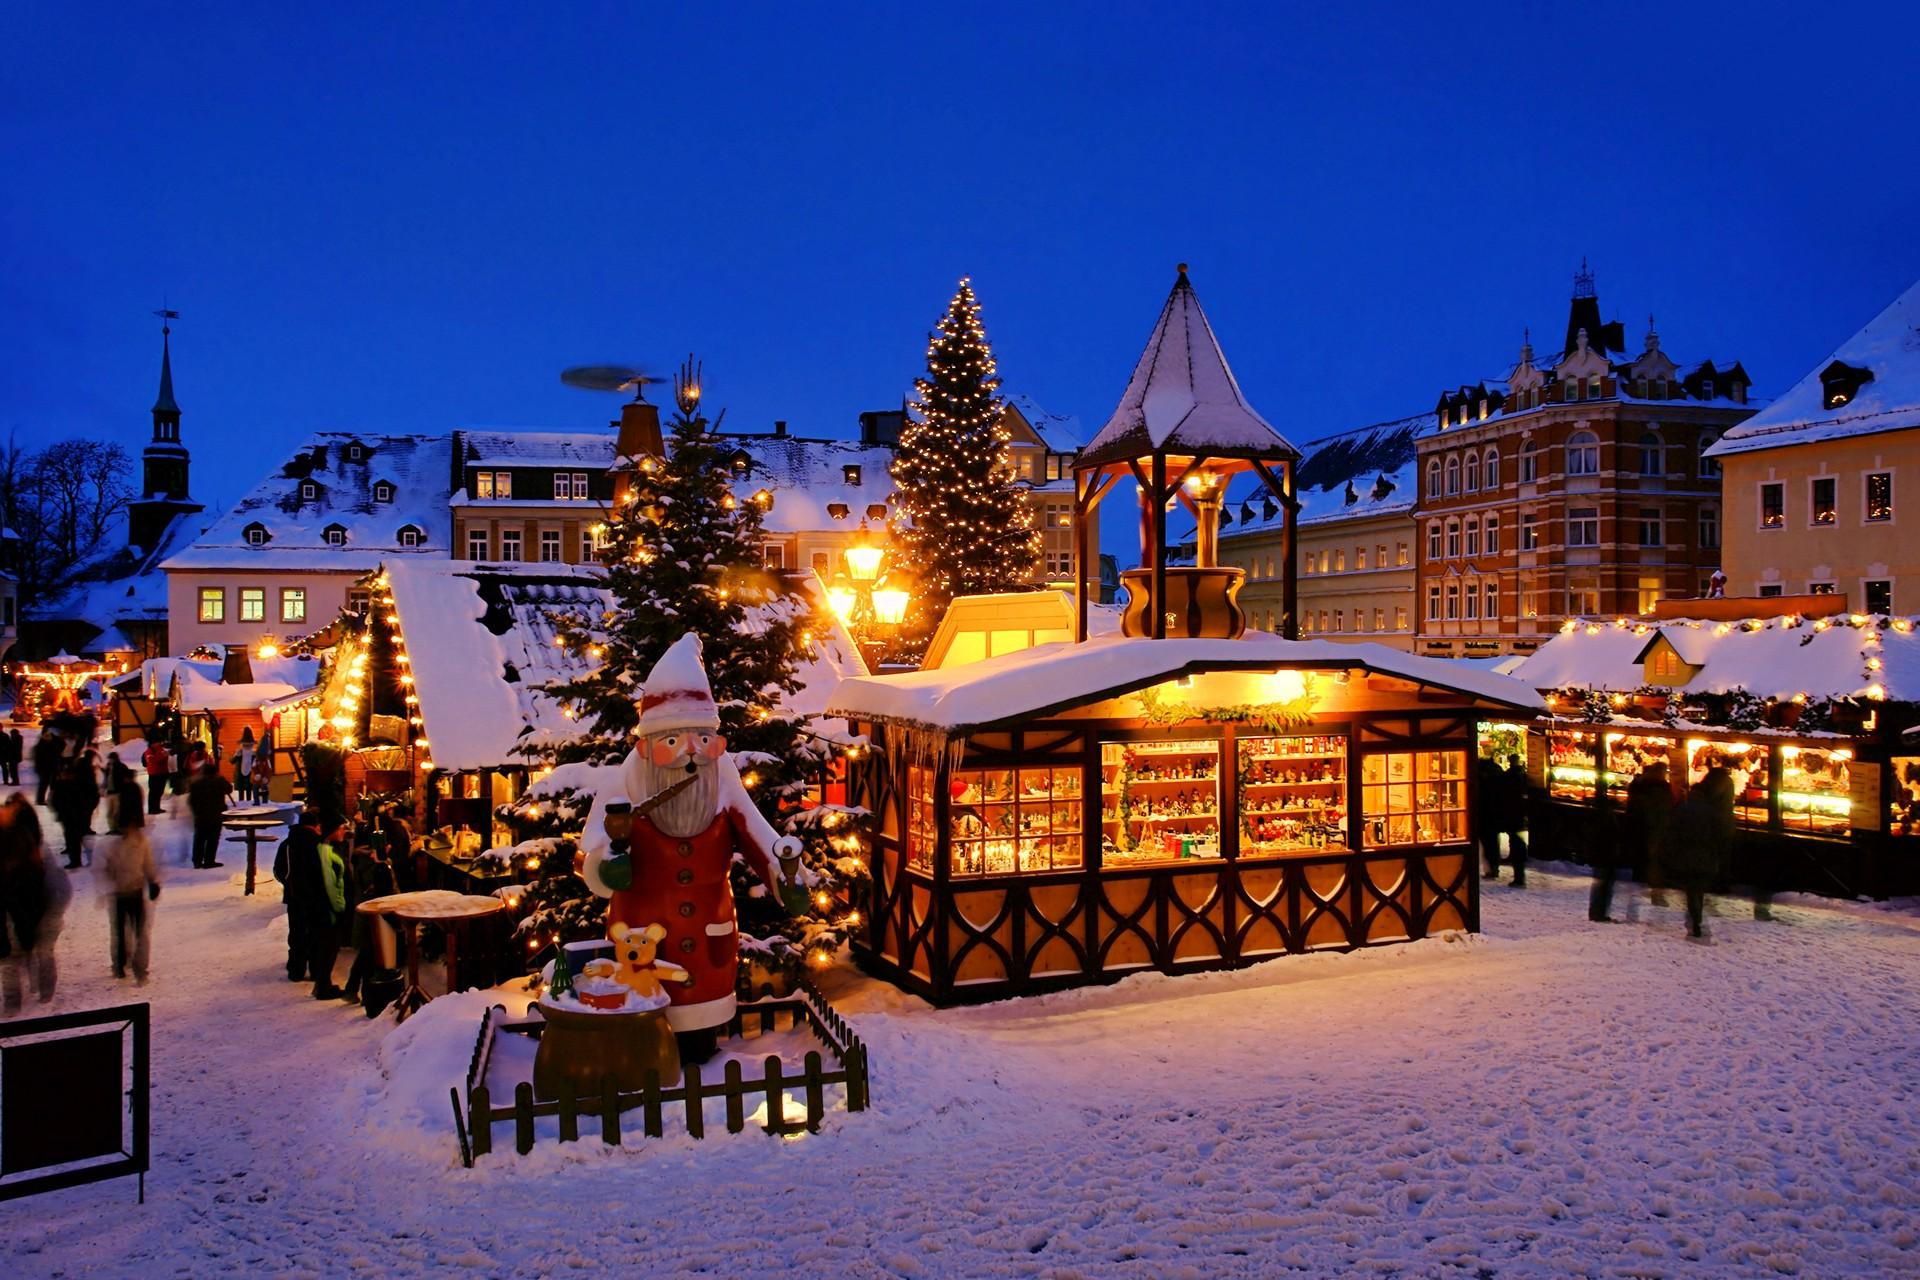 Kerstmarkt Hamburg 2019 Tui